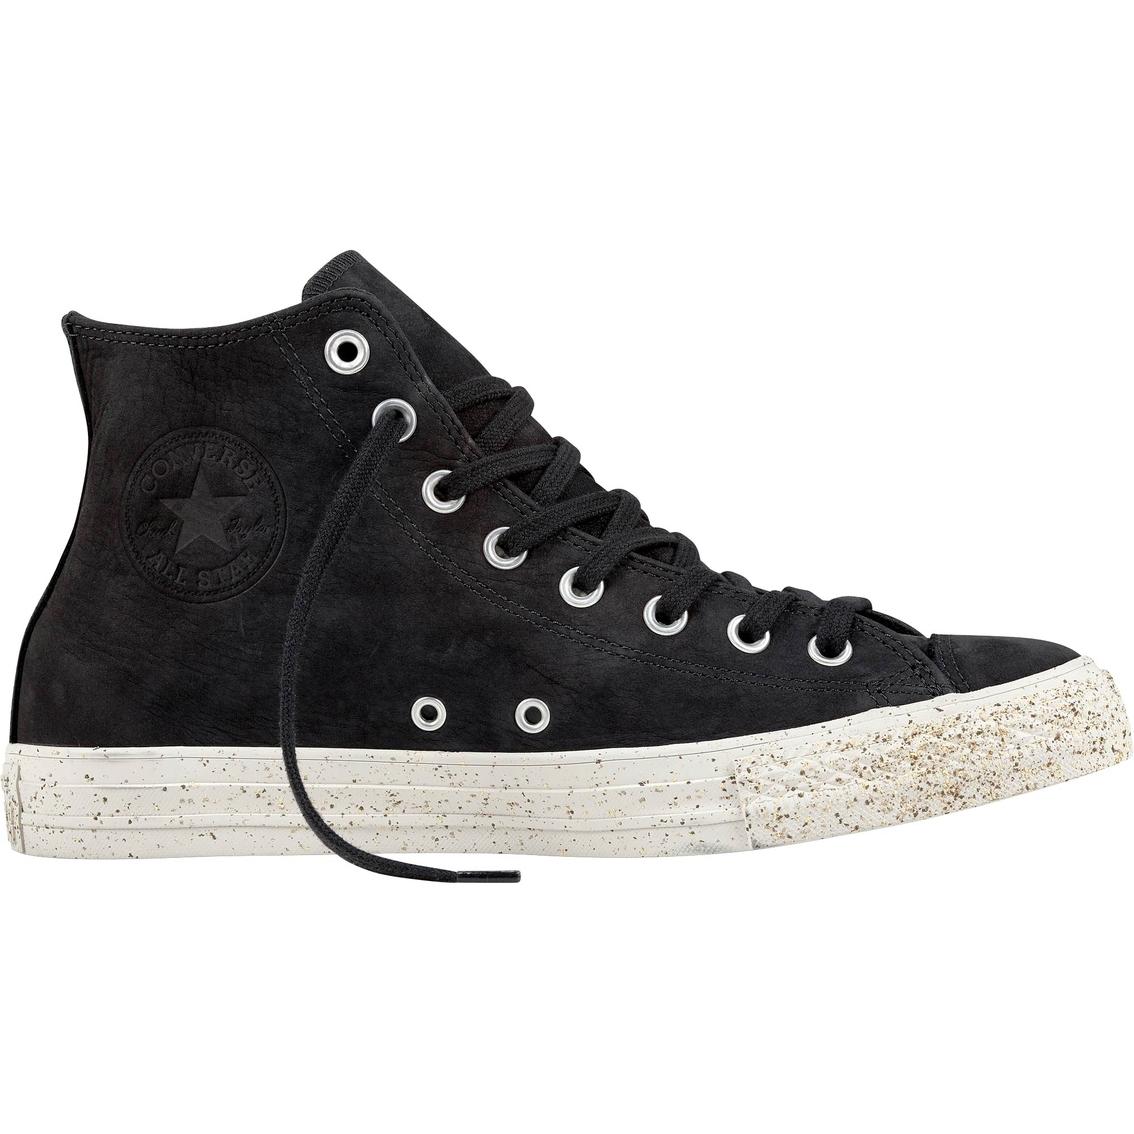 Converse Chuck Taylor All Star Men s Hi Top Basketball Shoes ... 9f179c0c96a